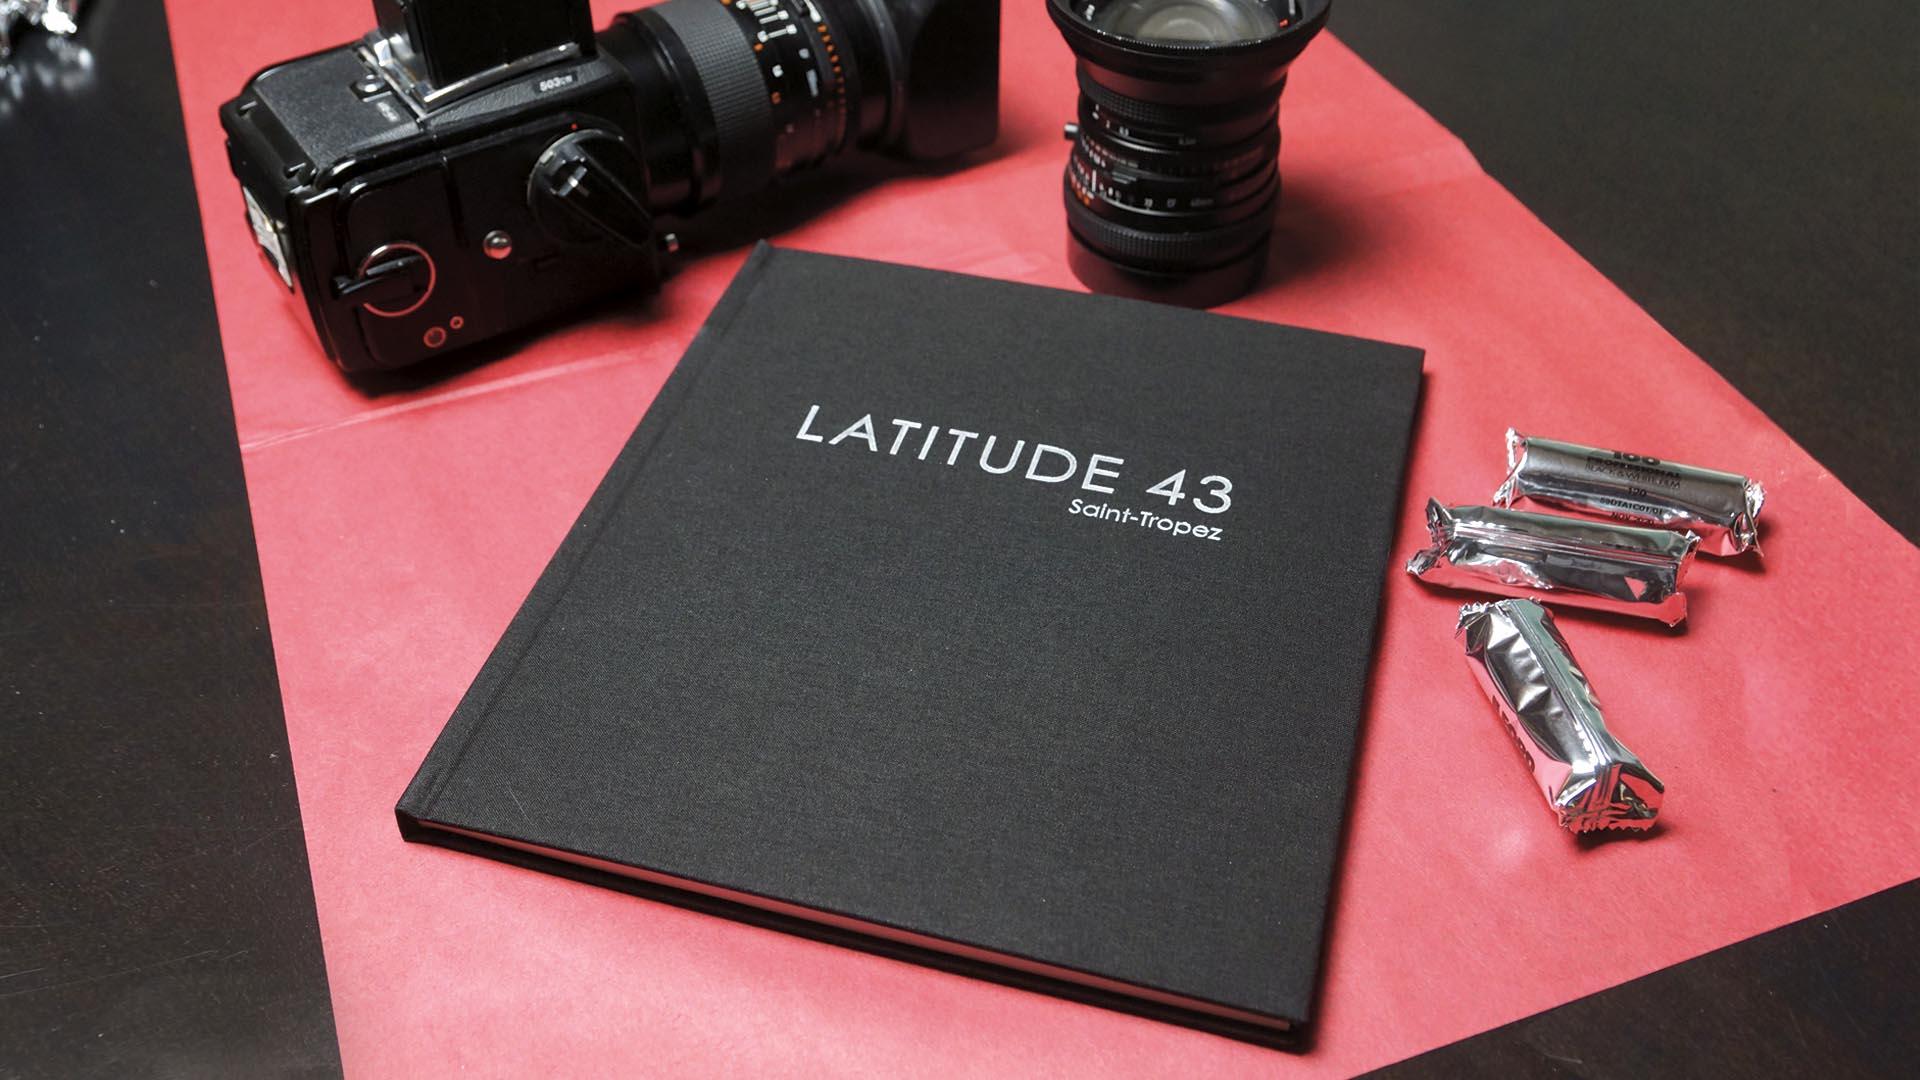 Latitude43 Img 01